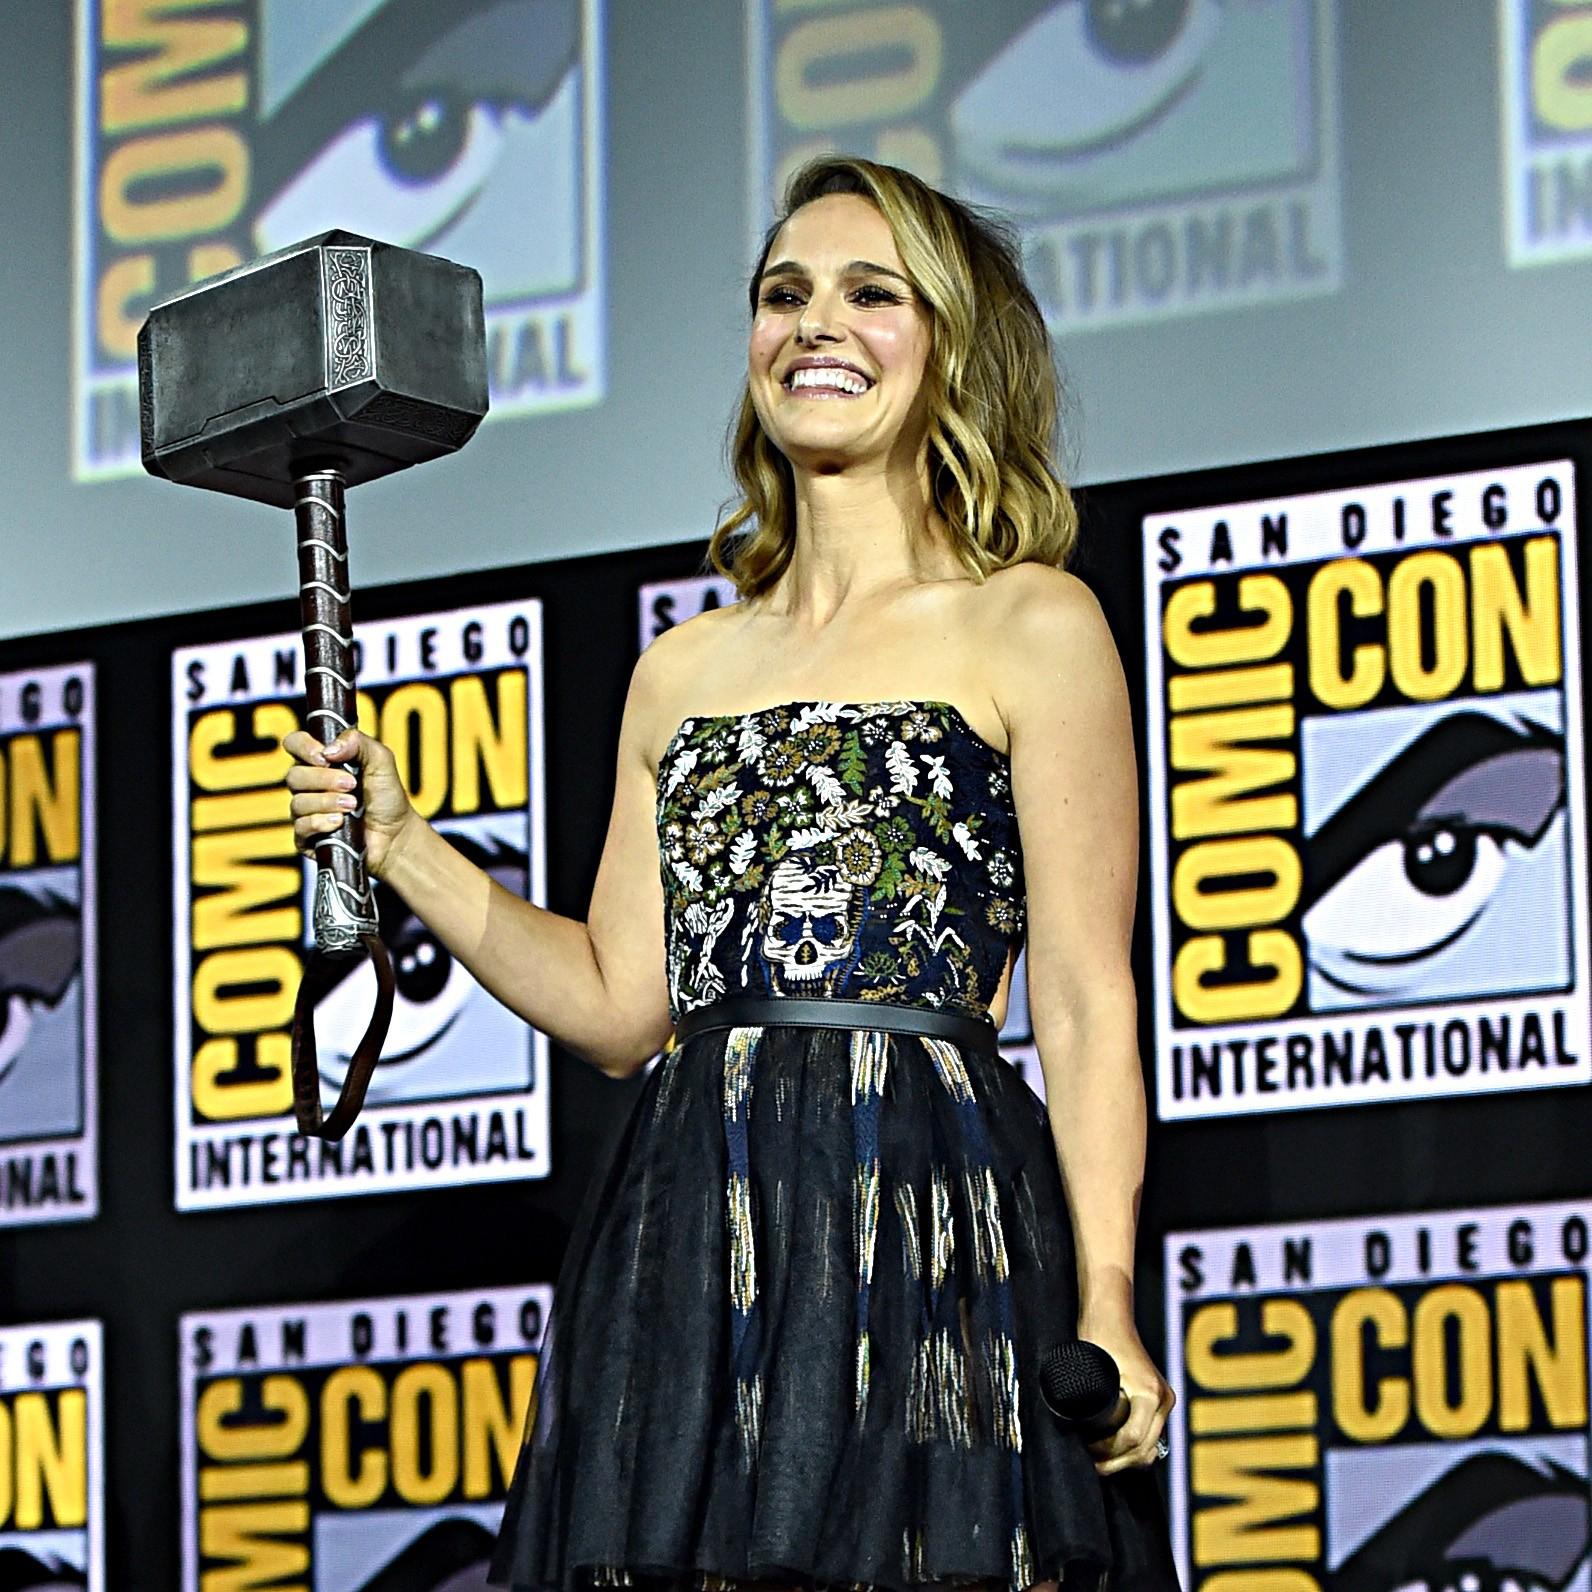 A atriz Natalie Portman com a Mjolnir, o materlo do herói Thor, na San Diego Comic-Con 2019 (Foto: Getty Images)